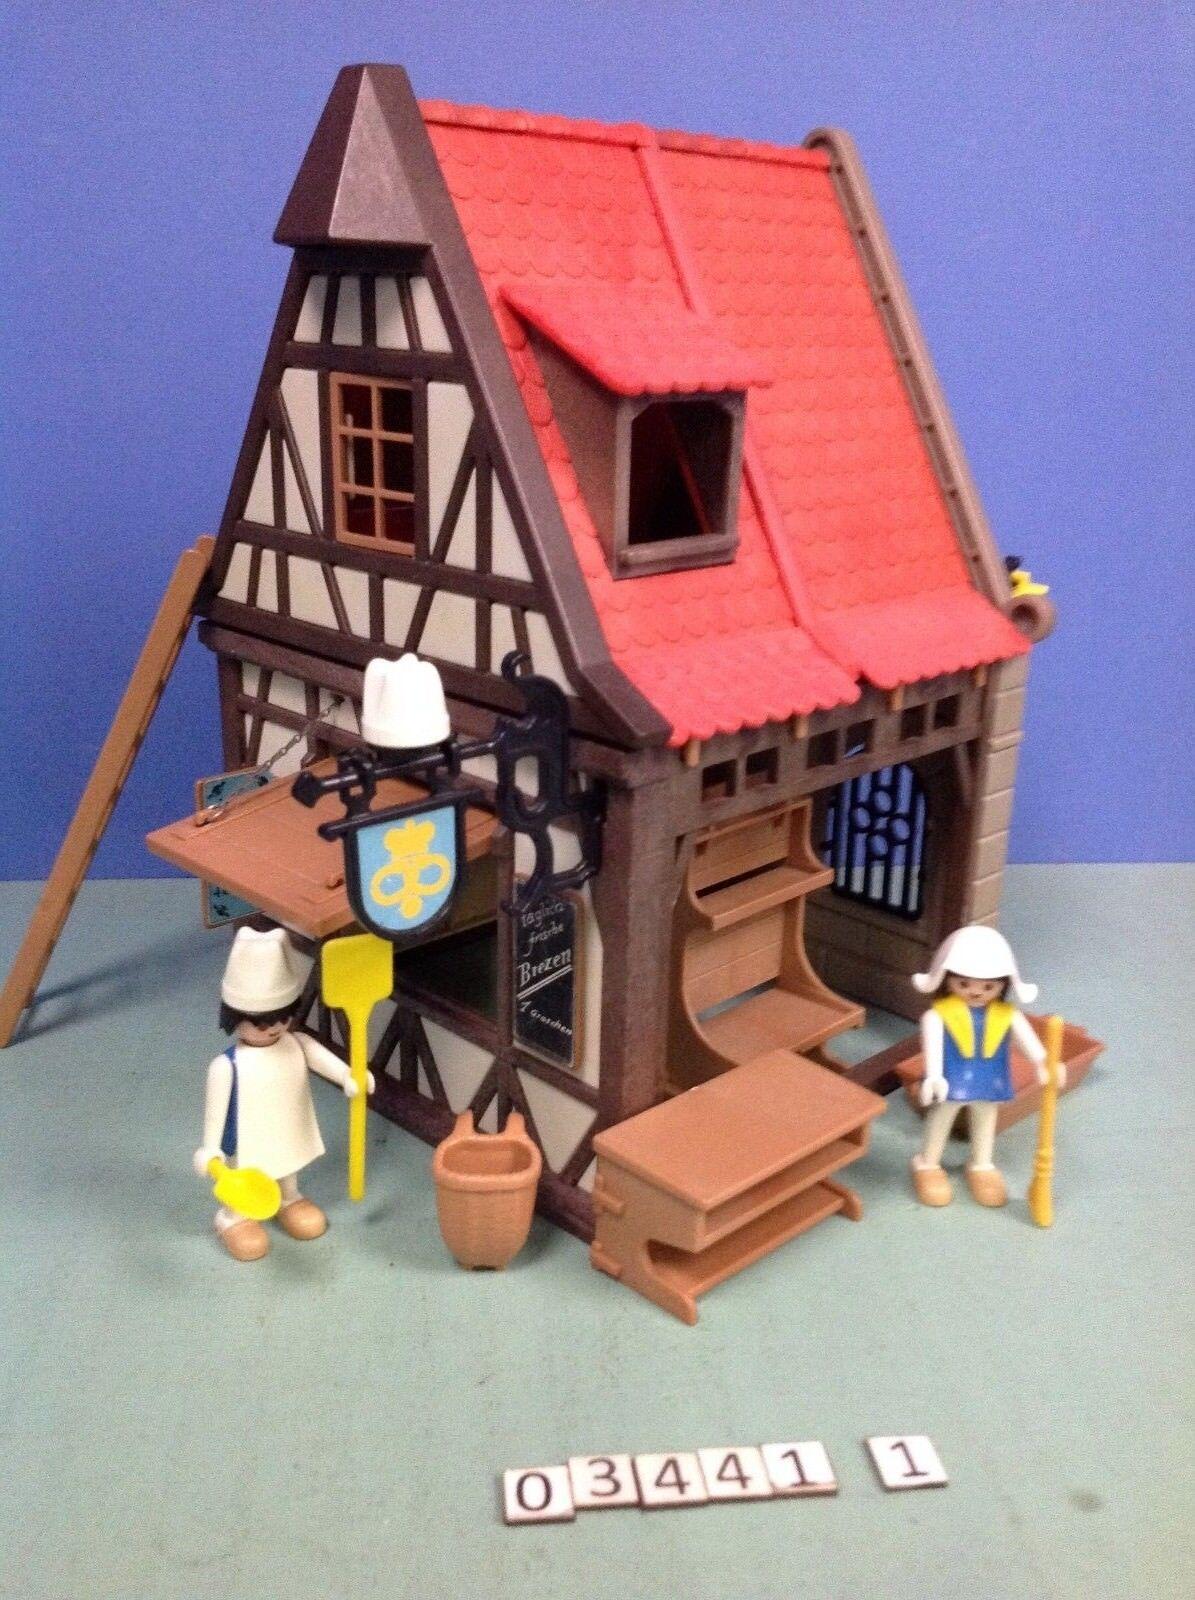 (O3441.1) Playmobil Bäckerei Mittelalter Ref. 3441 Jahr 77 - 81 Cplt